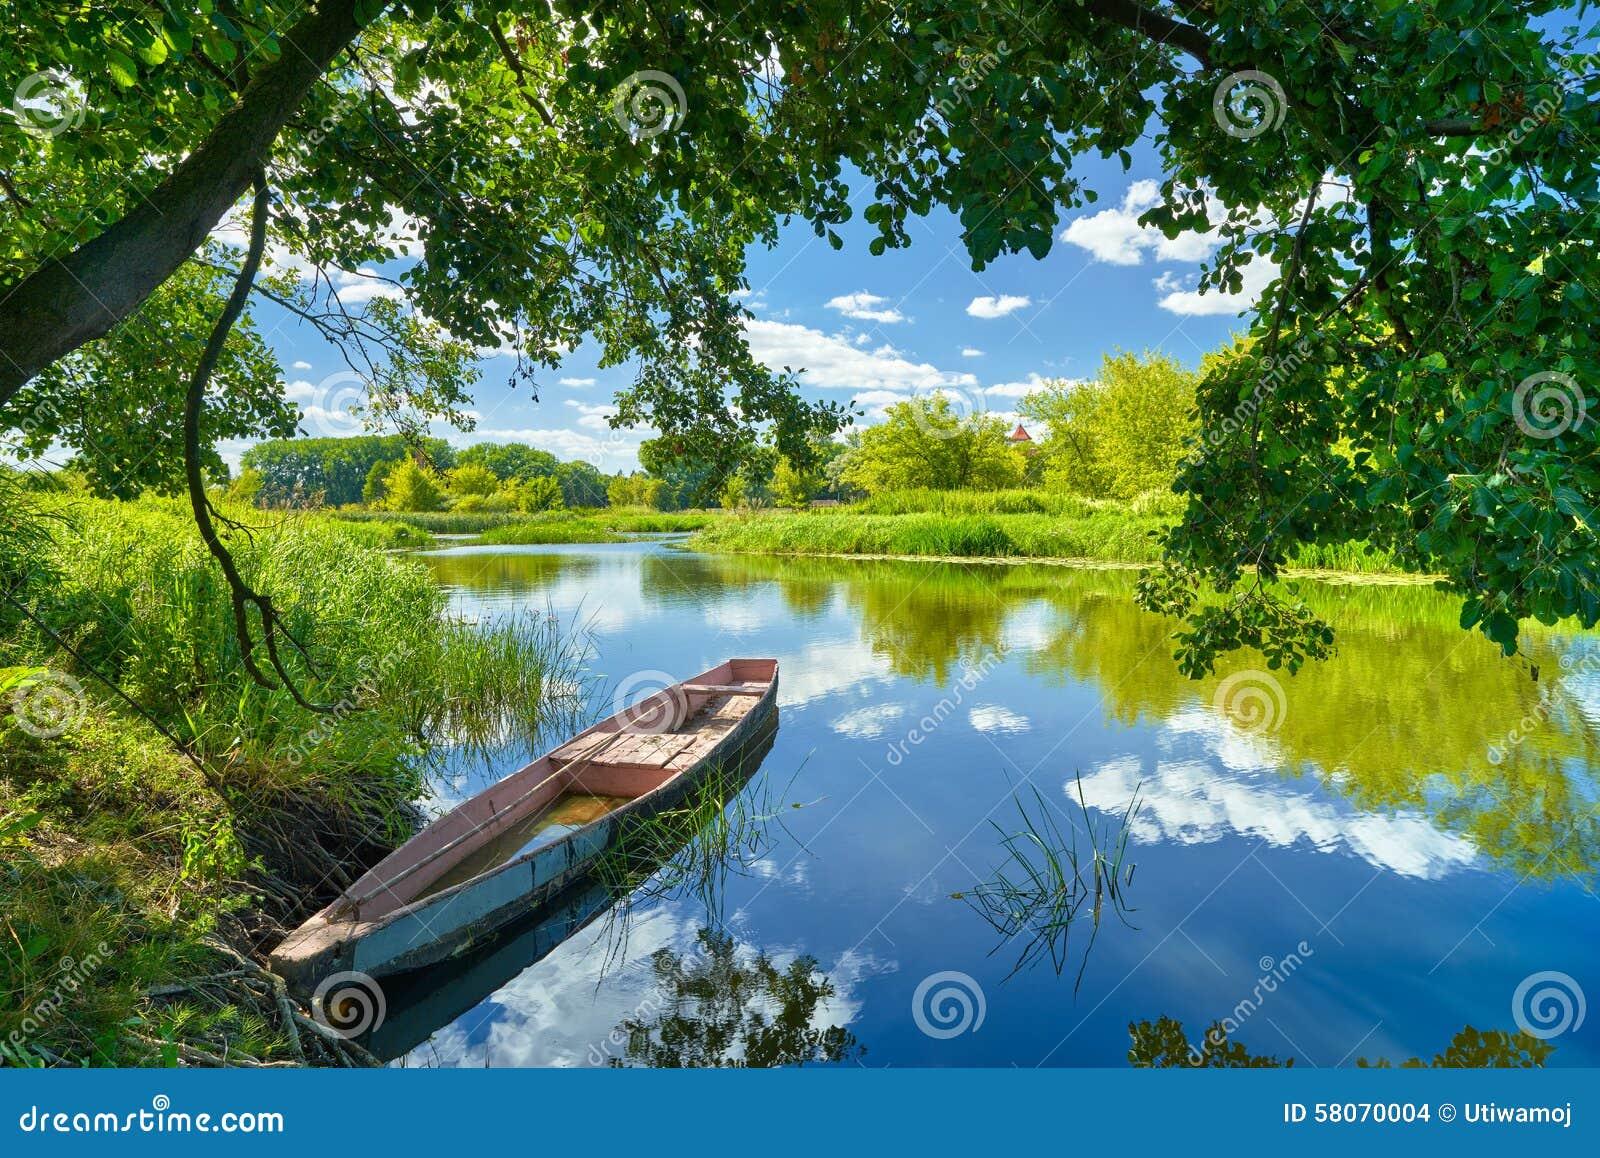 春天夏天风景蓝天覆盖河船绿色树